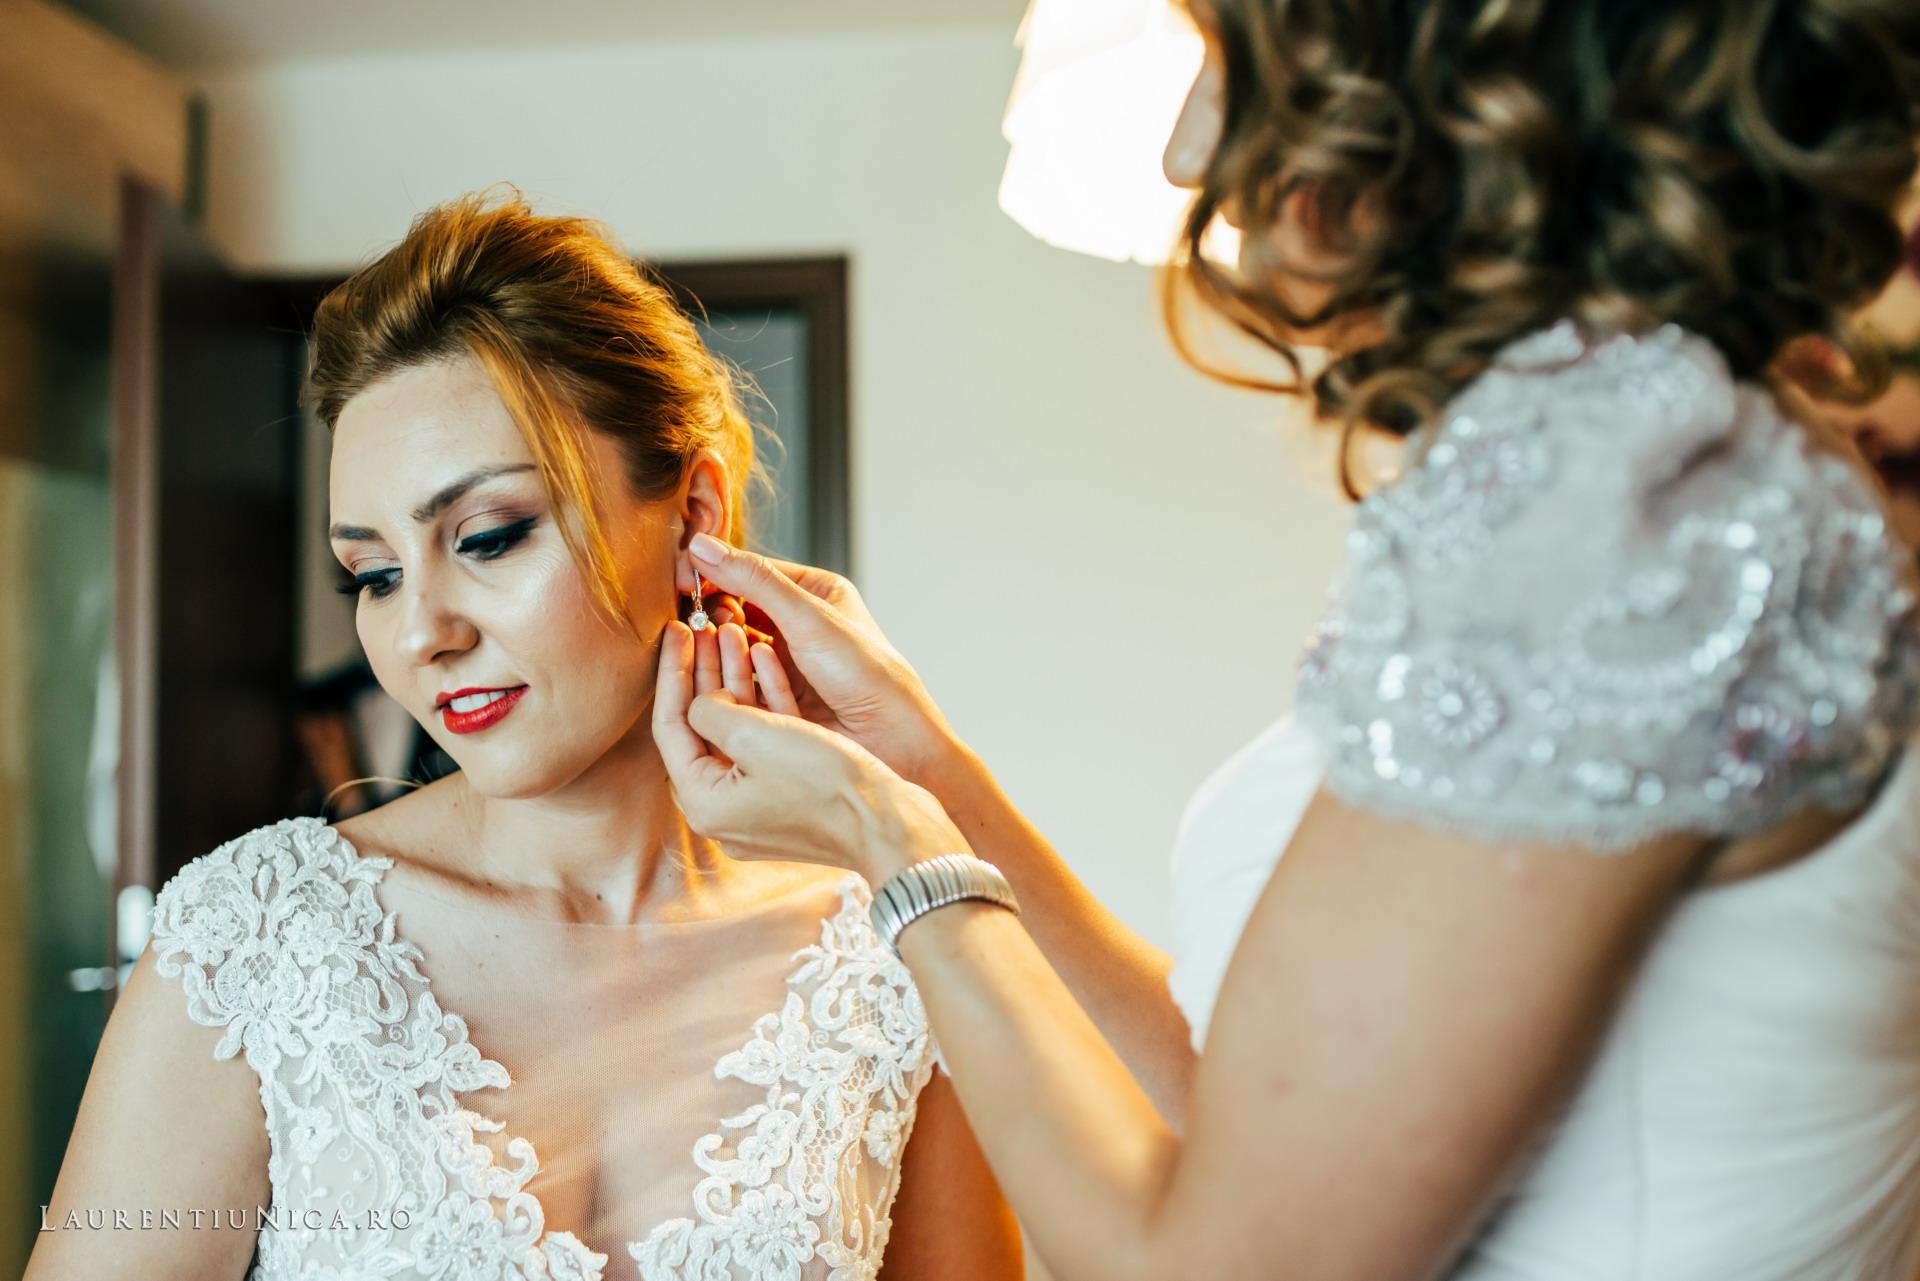 carolina si sorin craiova fotograf nunta laurentiu nica15 - Carolina & Sorin | Fotografii nunta